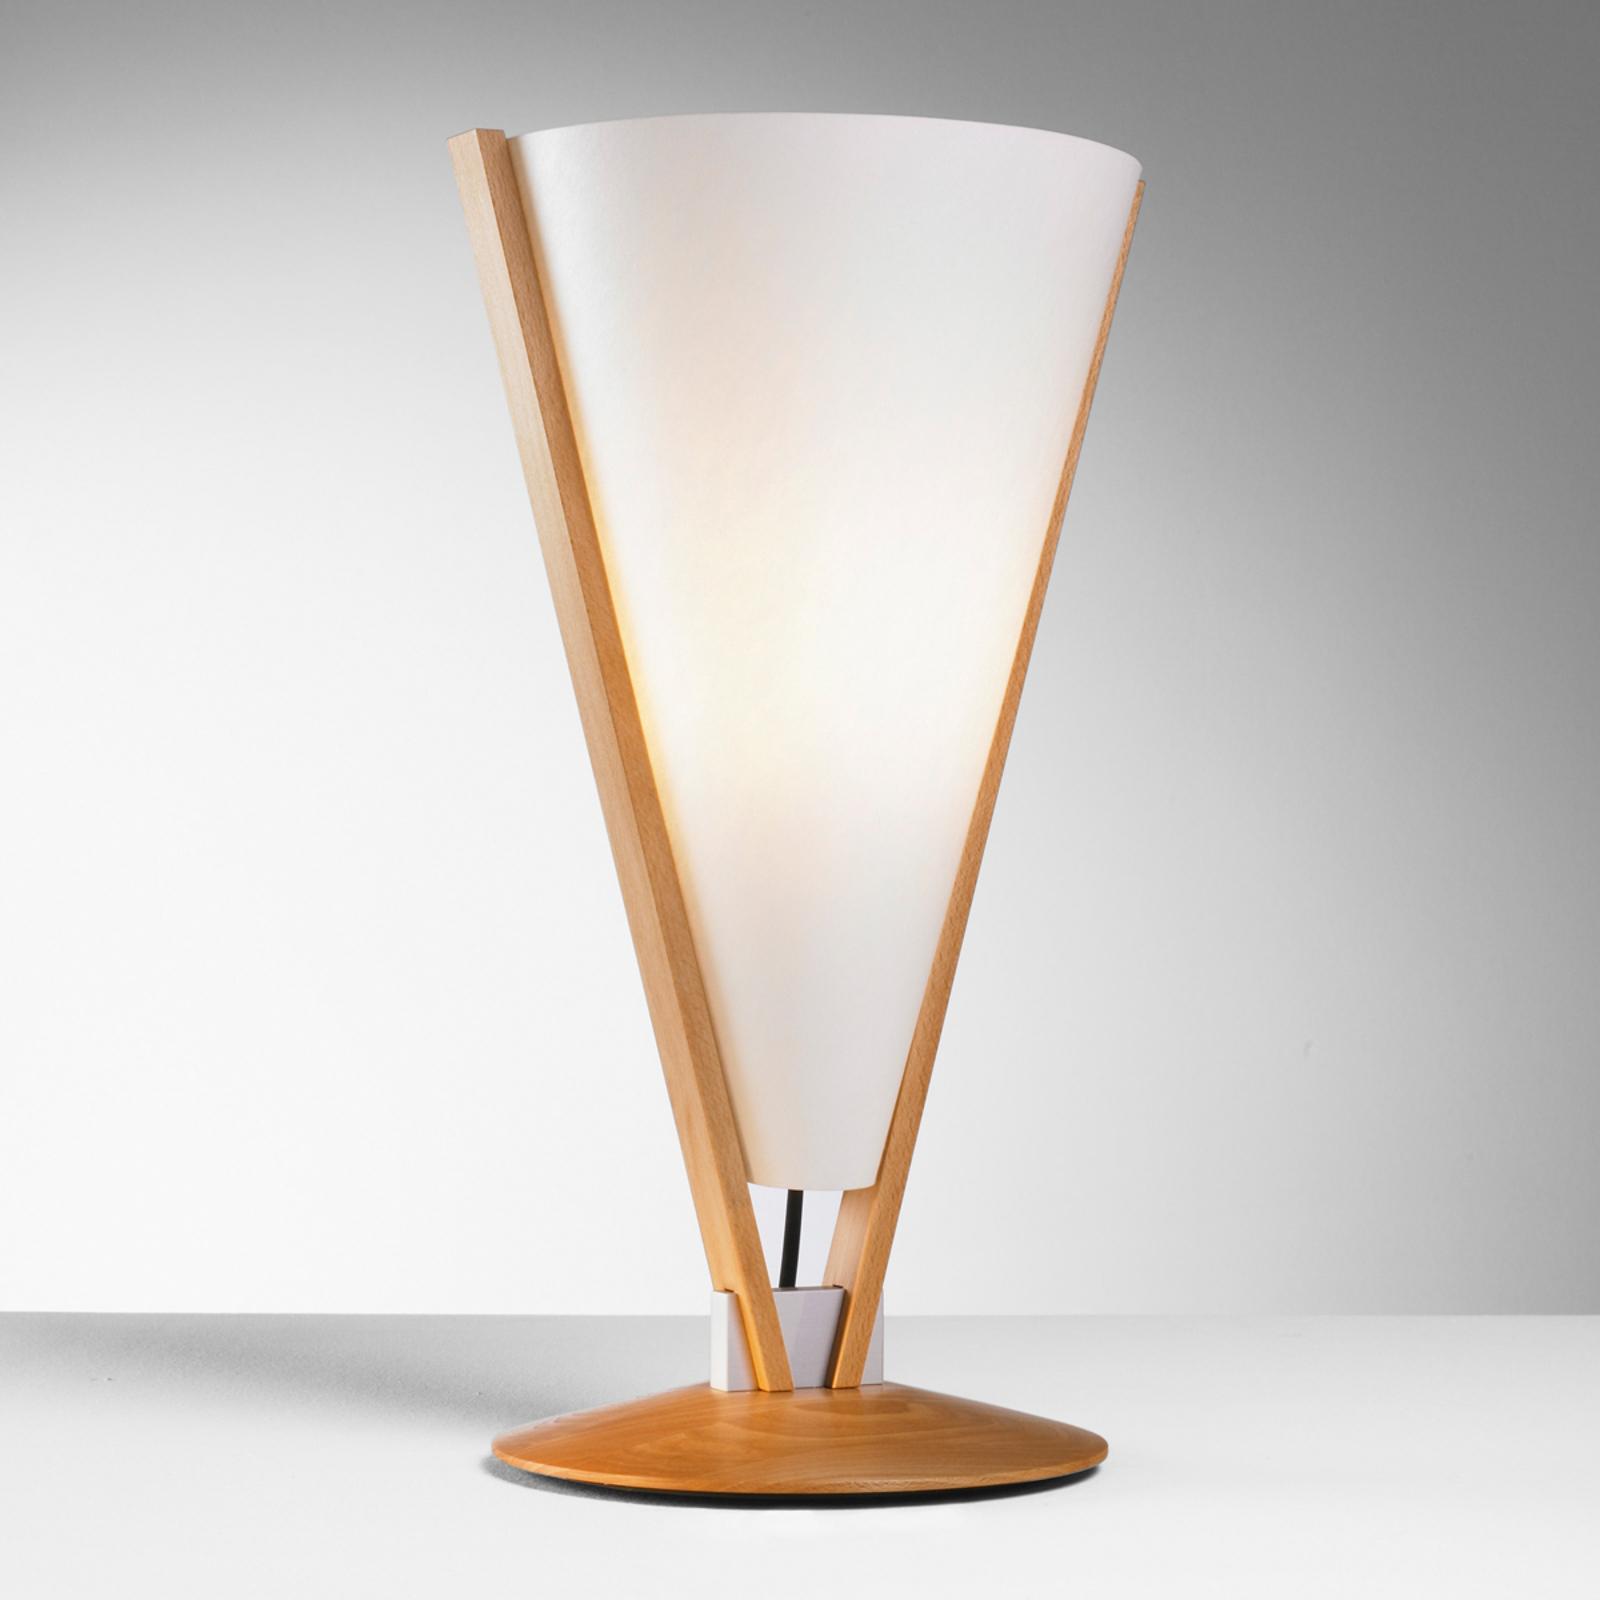 SEBA lampe à poser avec interrupteur à main, hêtre